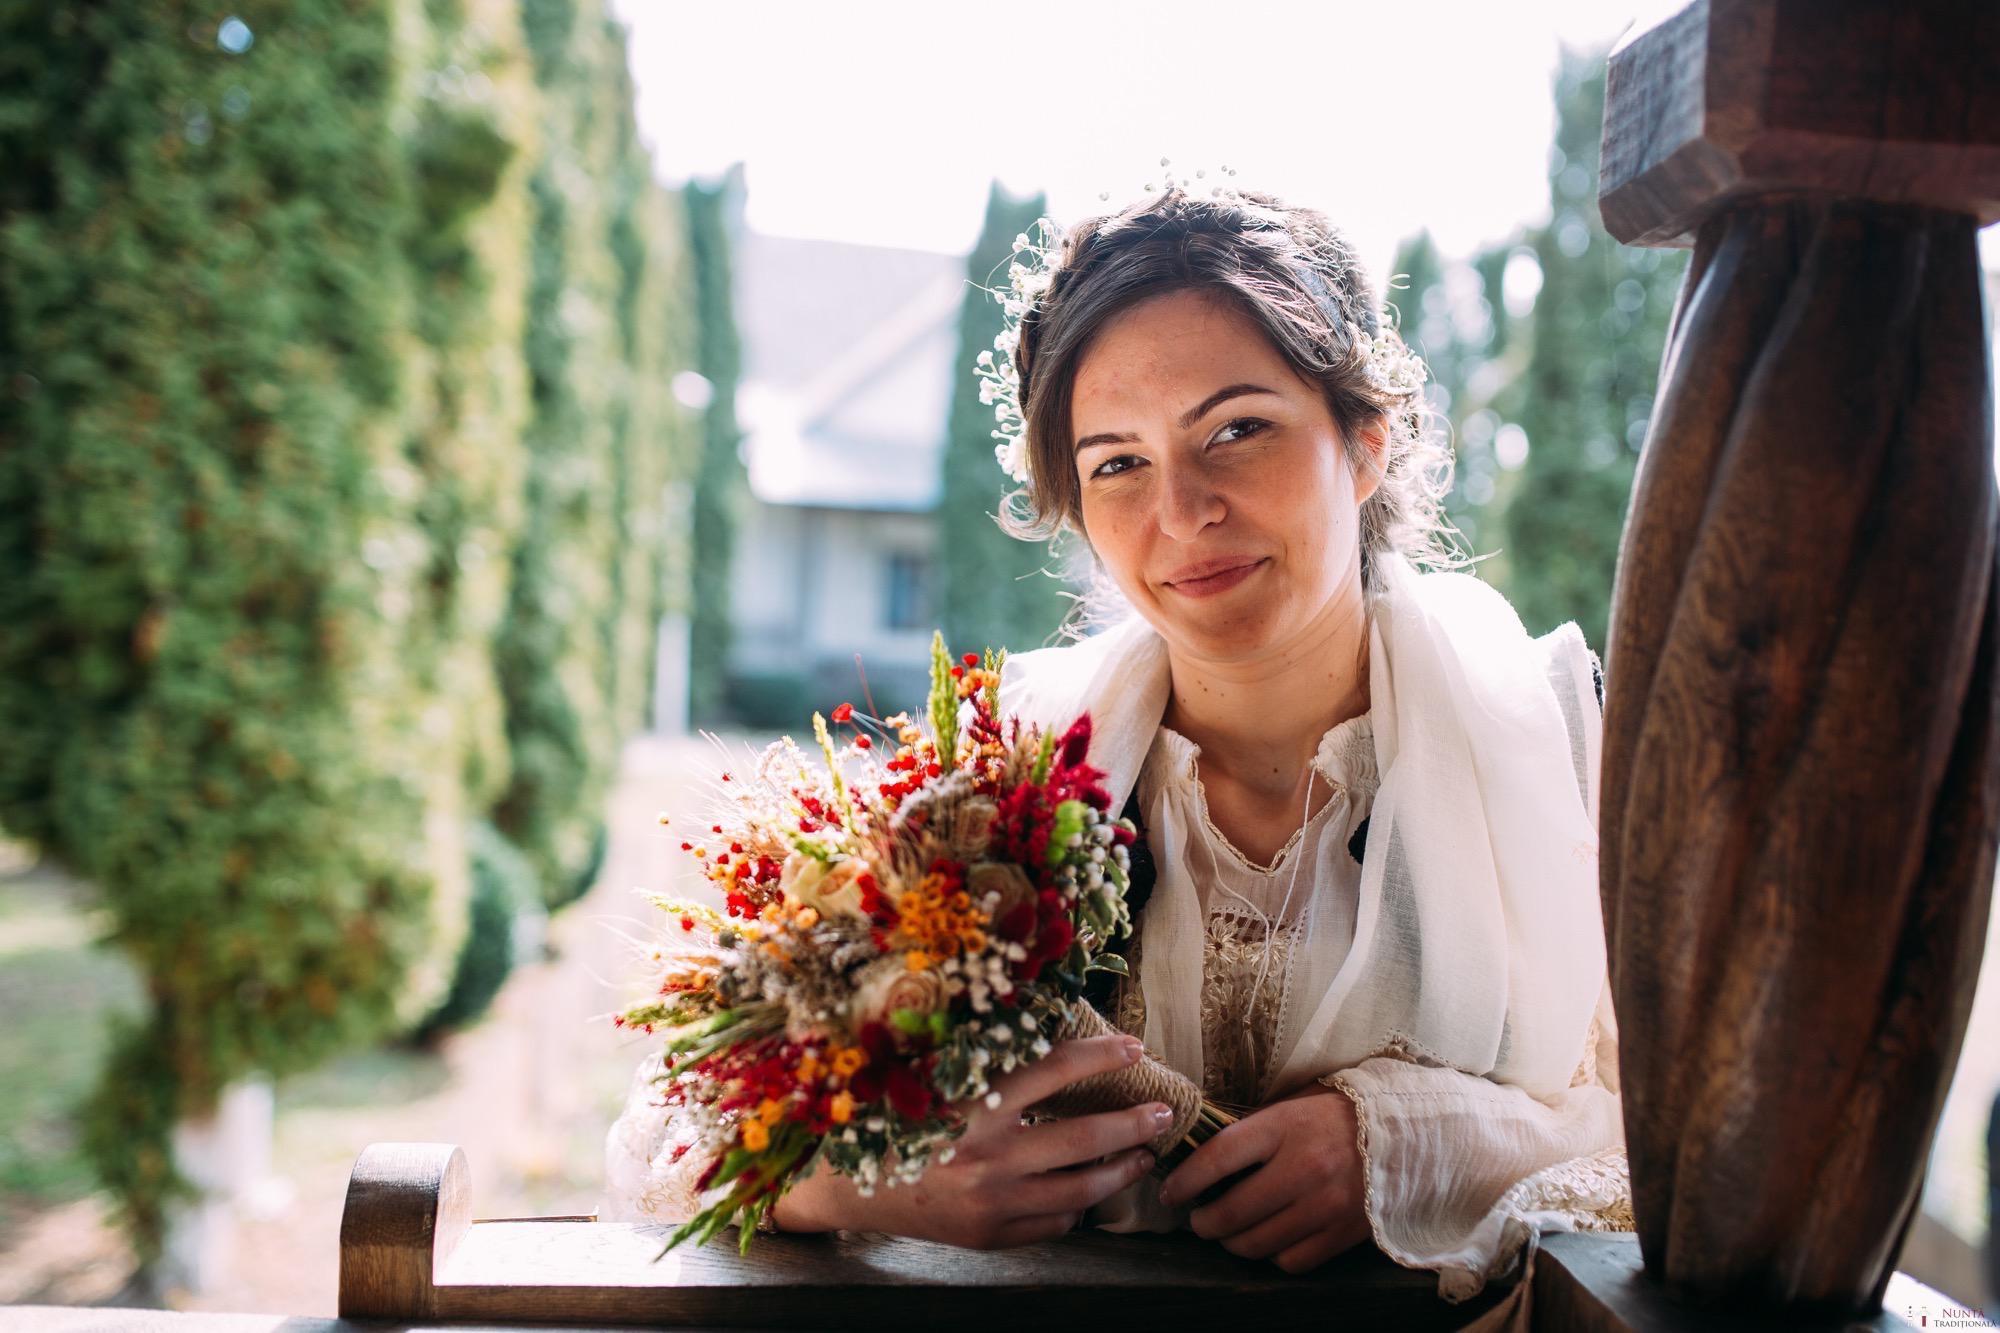 Povești Nunți Tradiționale - Gabriela și Adrian. Nuntă tradițională în Piatra Neamț 1